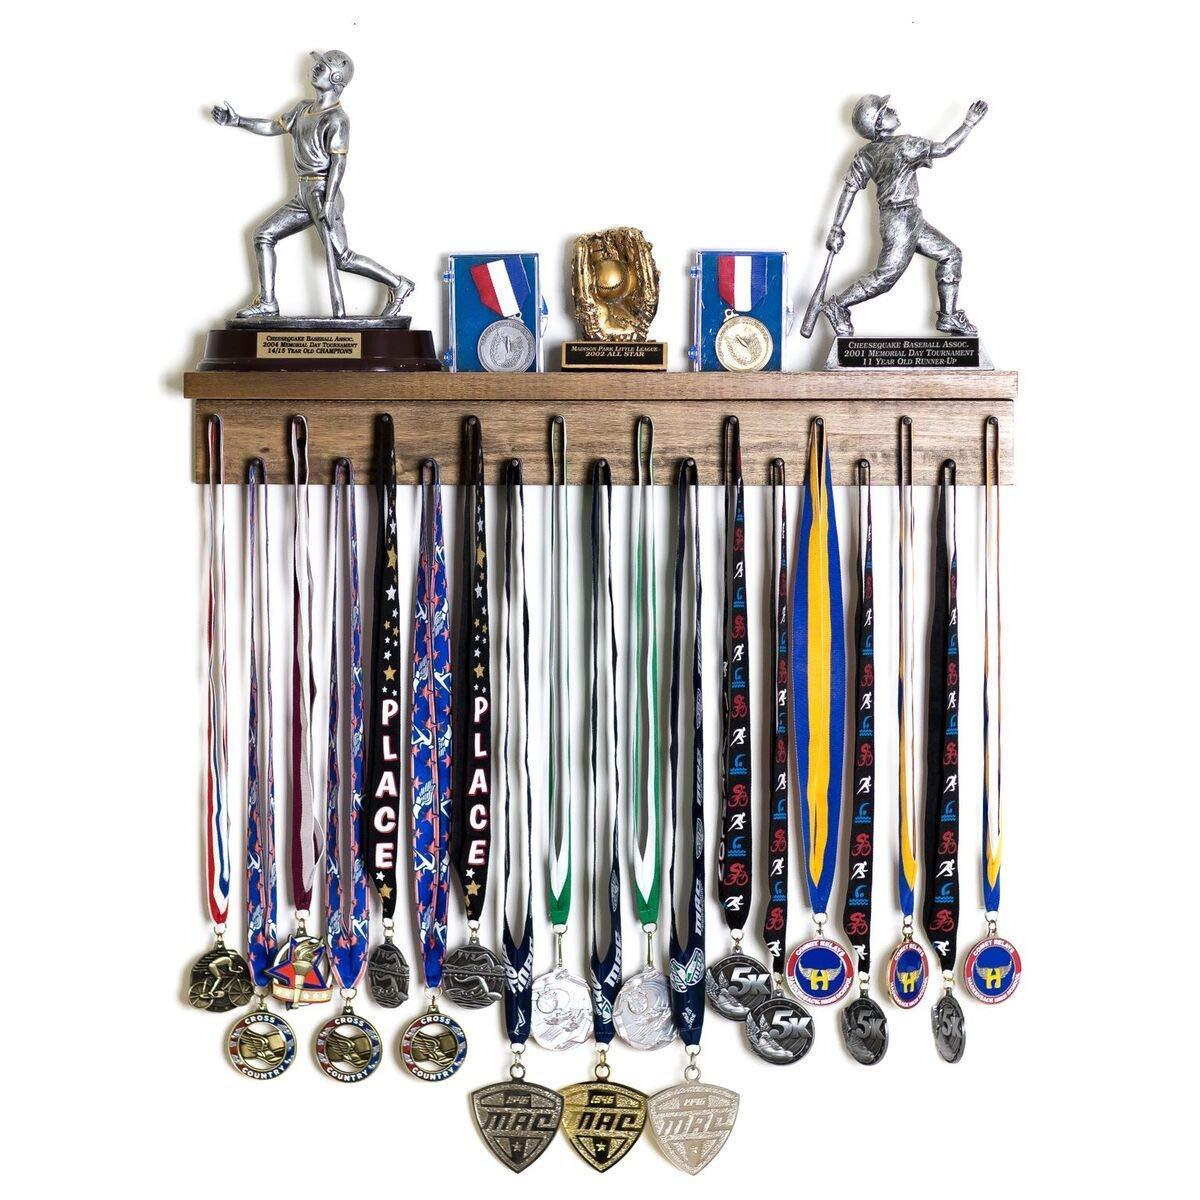 Premier 2ft Award Medal Display Rack and Trophy Shelf by MedalAwardsRack